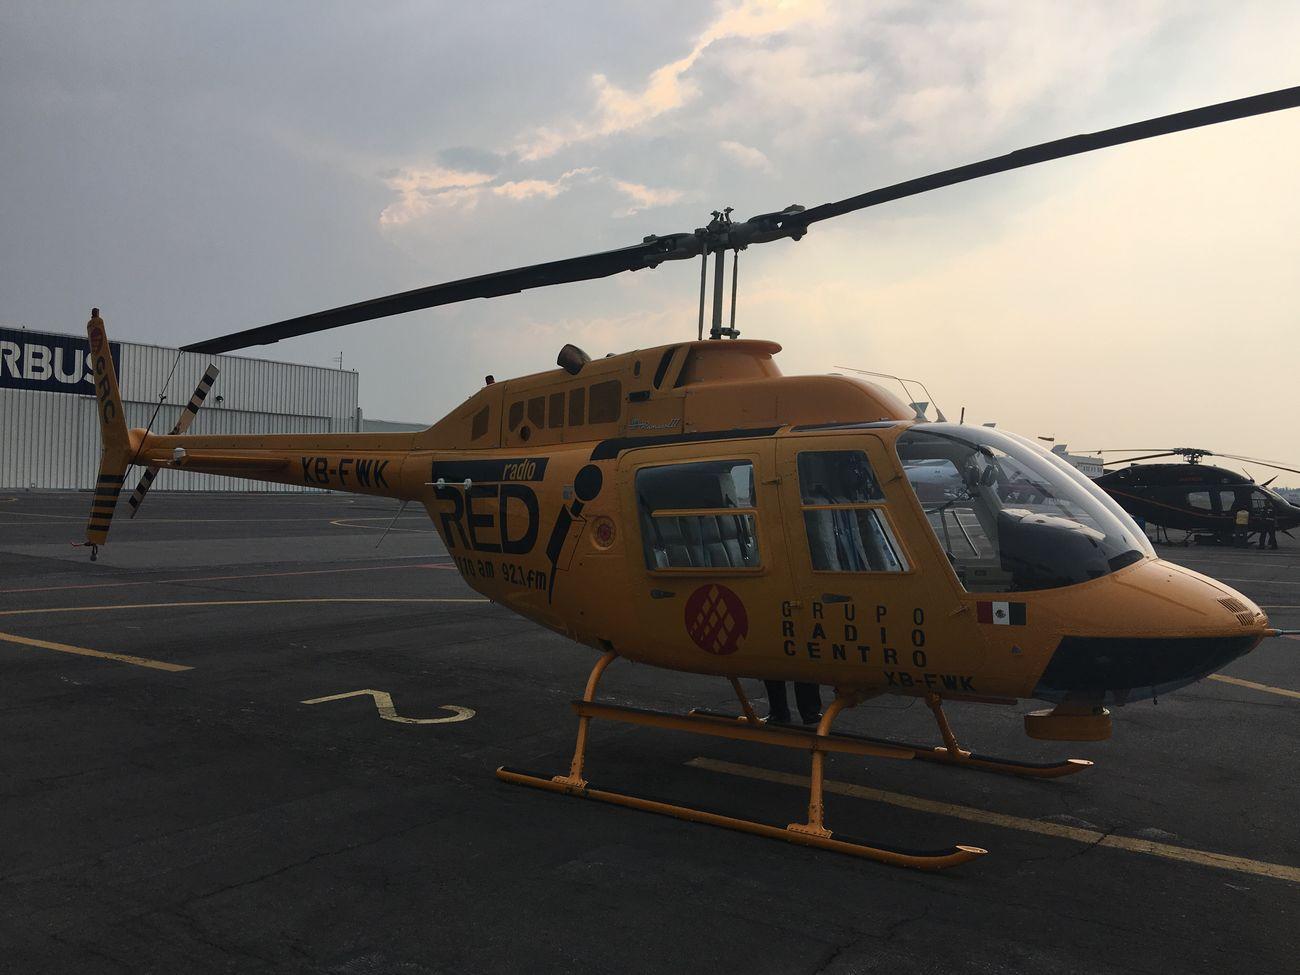 """Helicopter Sky Airplane Mexico City Noticias helicoptero de """"La Red de Radio Red"""" noticias urbanas y viales Cdmx"""